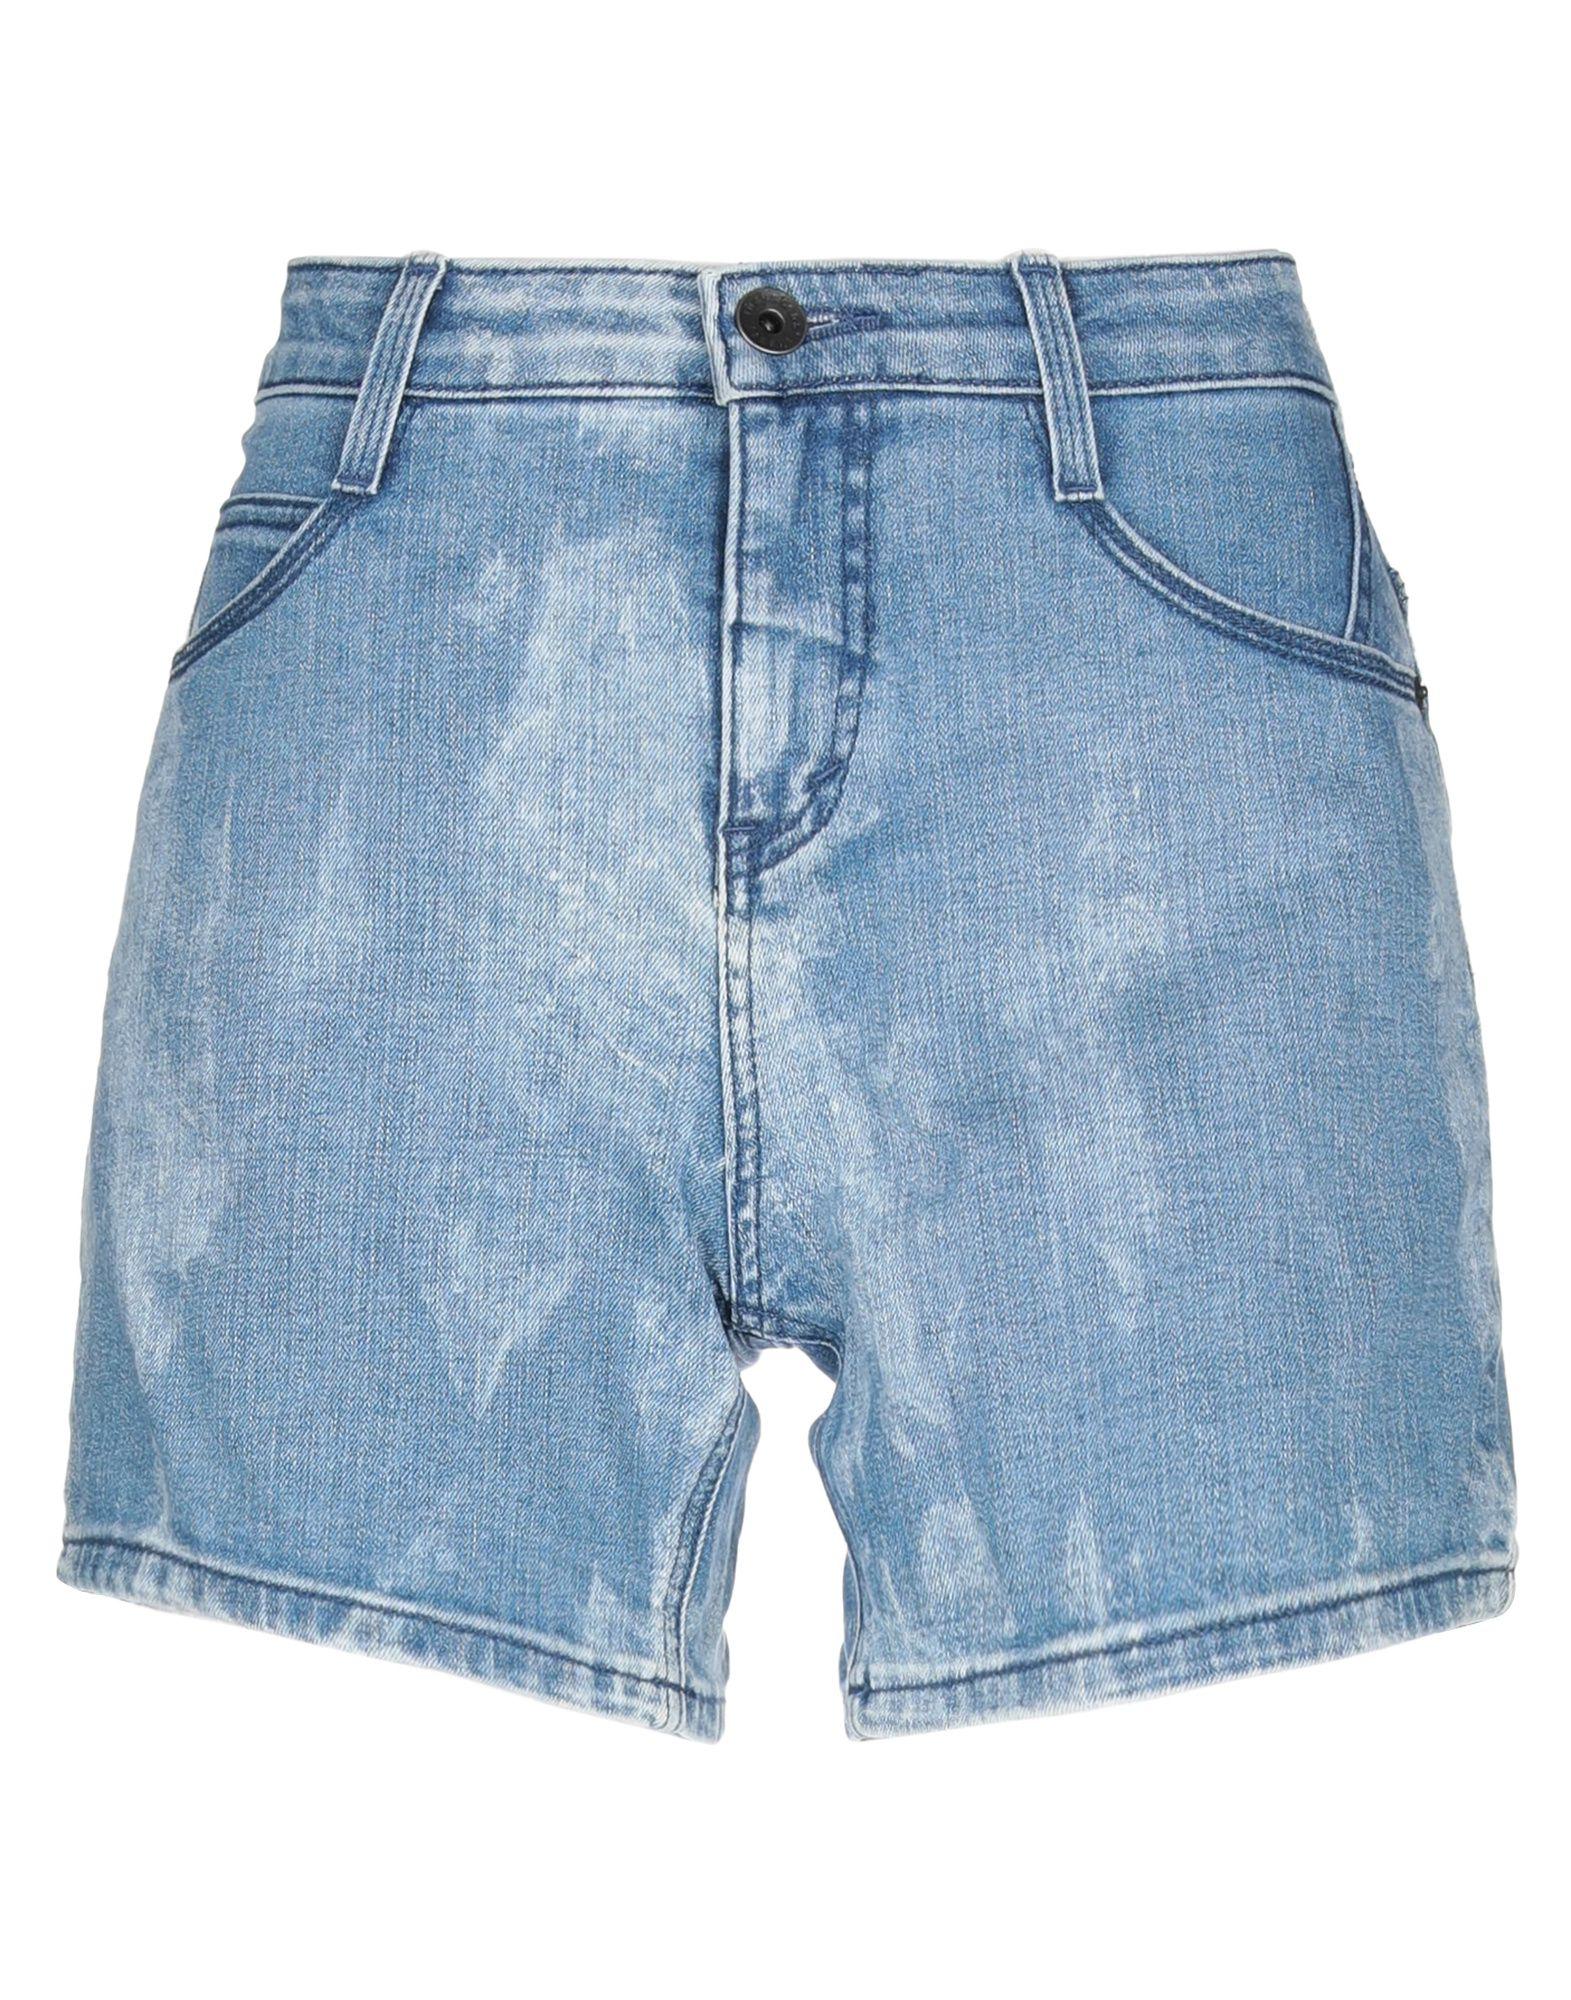 THEYSKENS' THEORY Джинсовые шорты theyskens theory джинсовые шорты